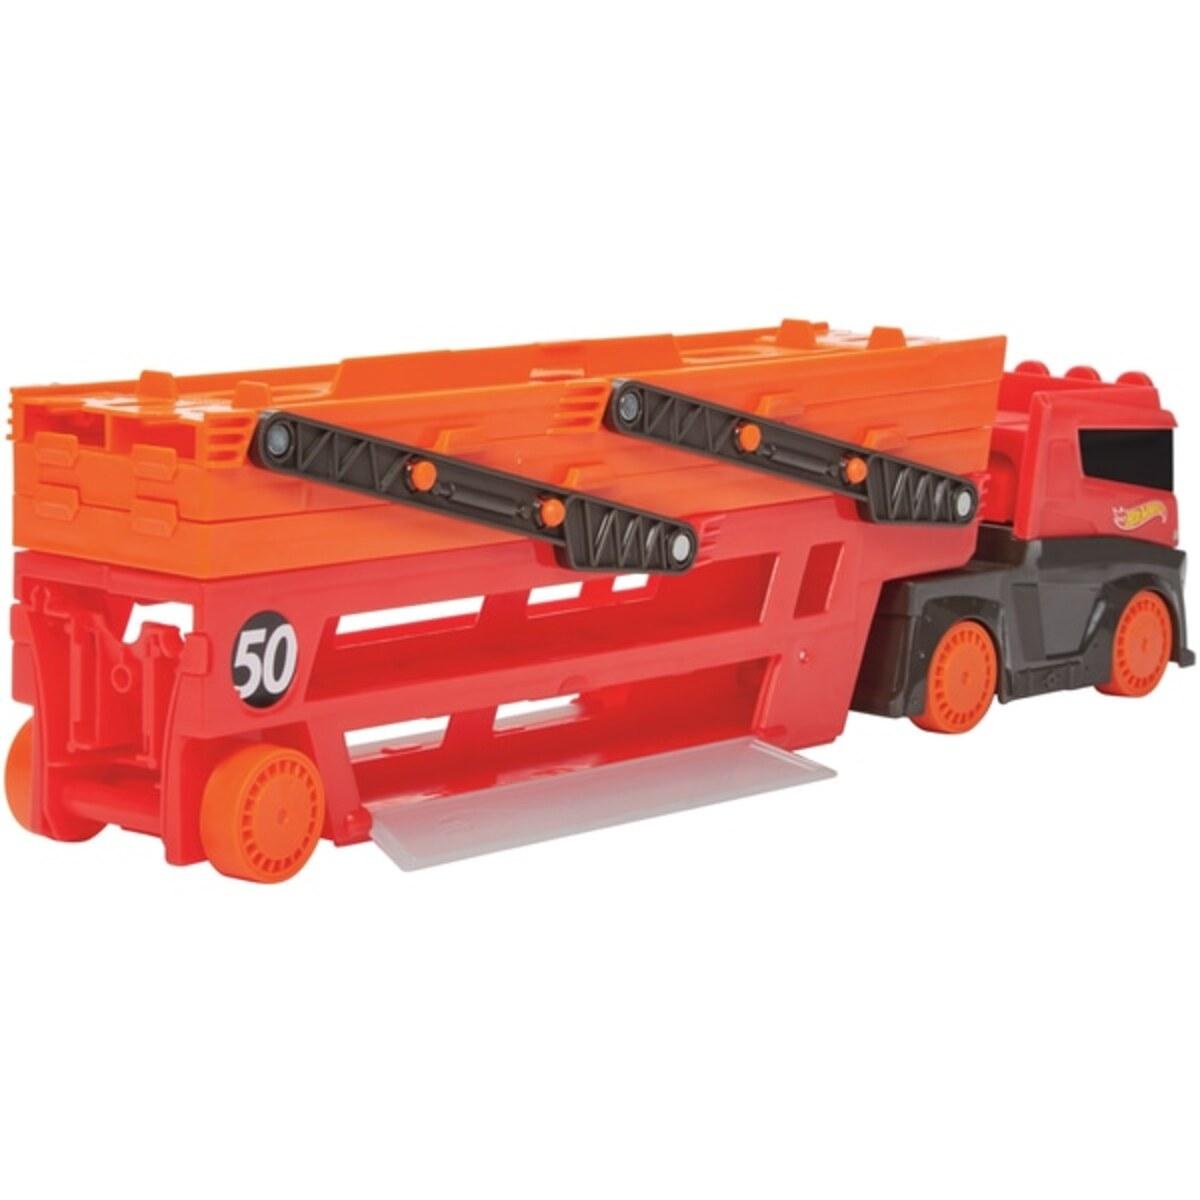 Bild 3 von Hot Wheels - Mega-Truck